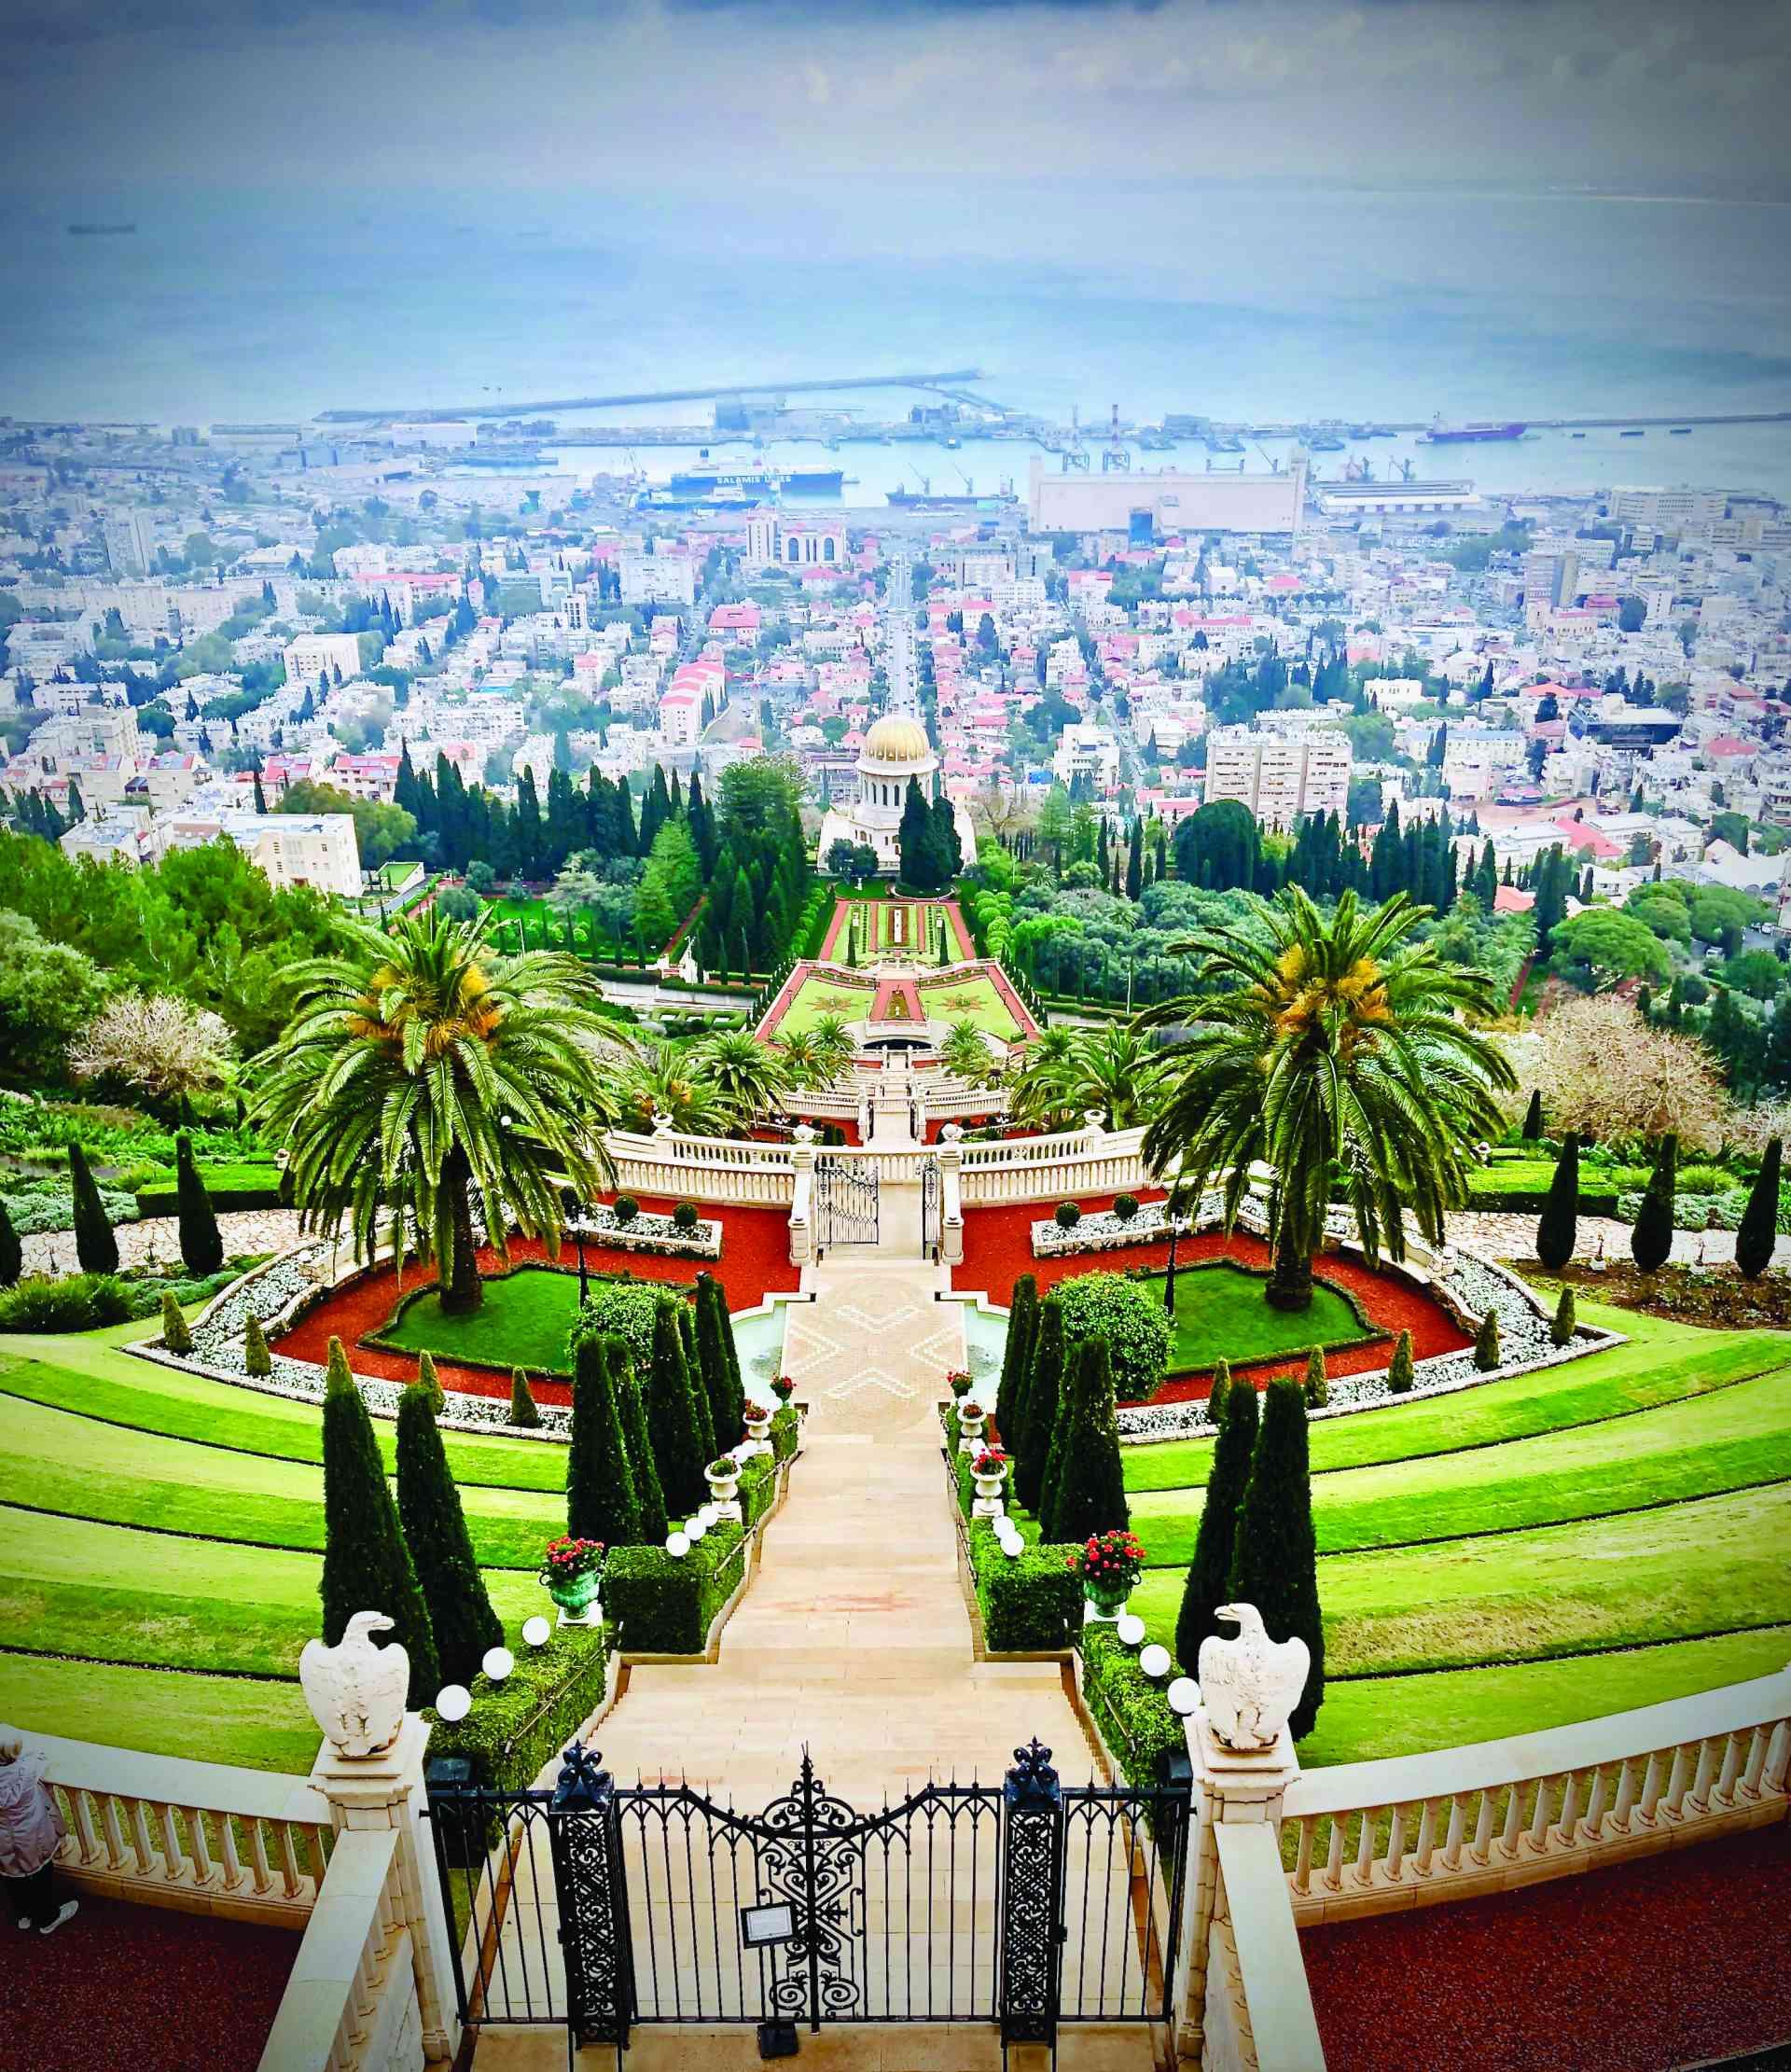 Haifa Gardens, Israel by Ian Carter